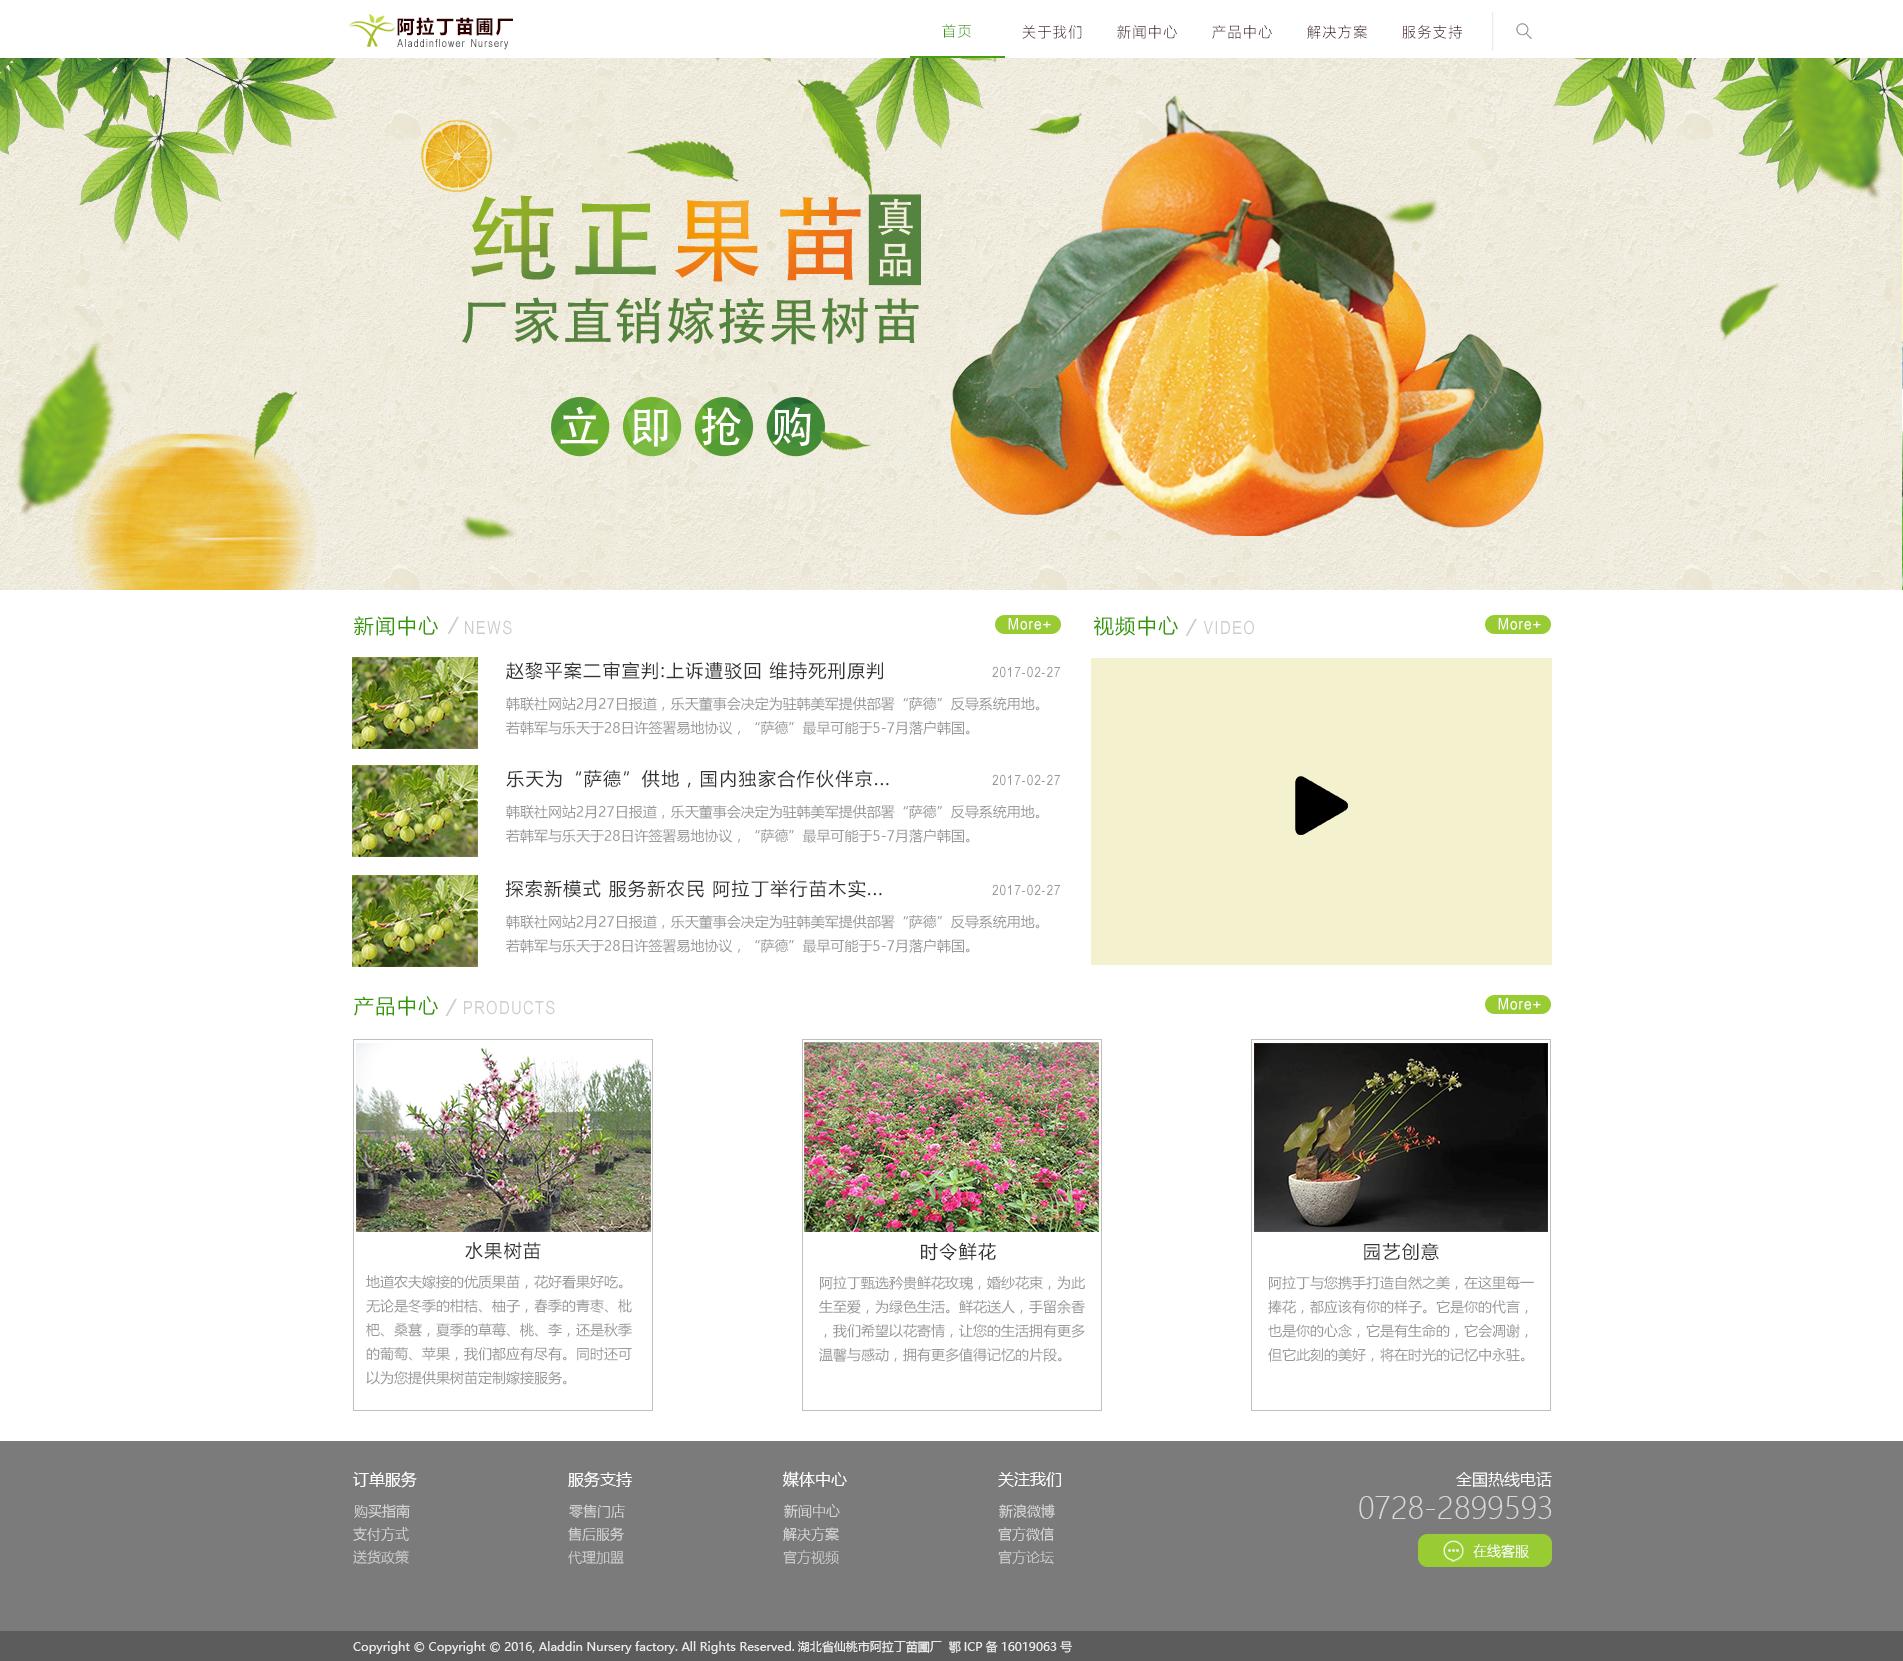 阿拉丁苗圃厂是一家专门做水果盆栽的企业,所以以绿色作为主要点缀色.图片